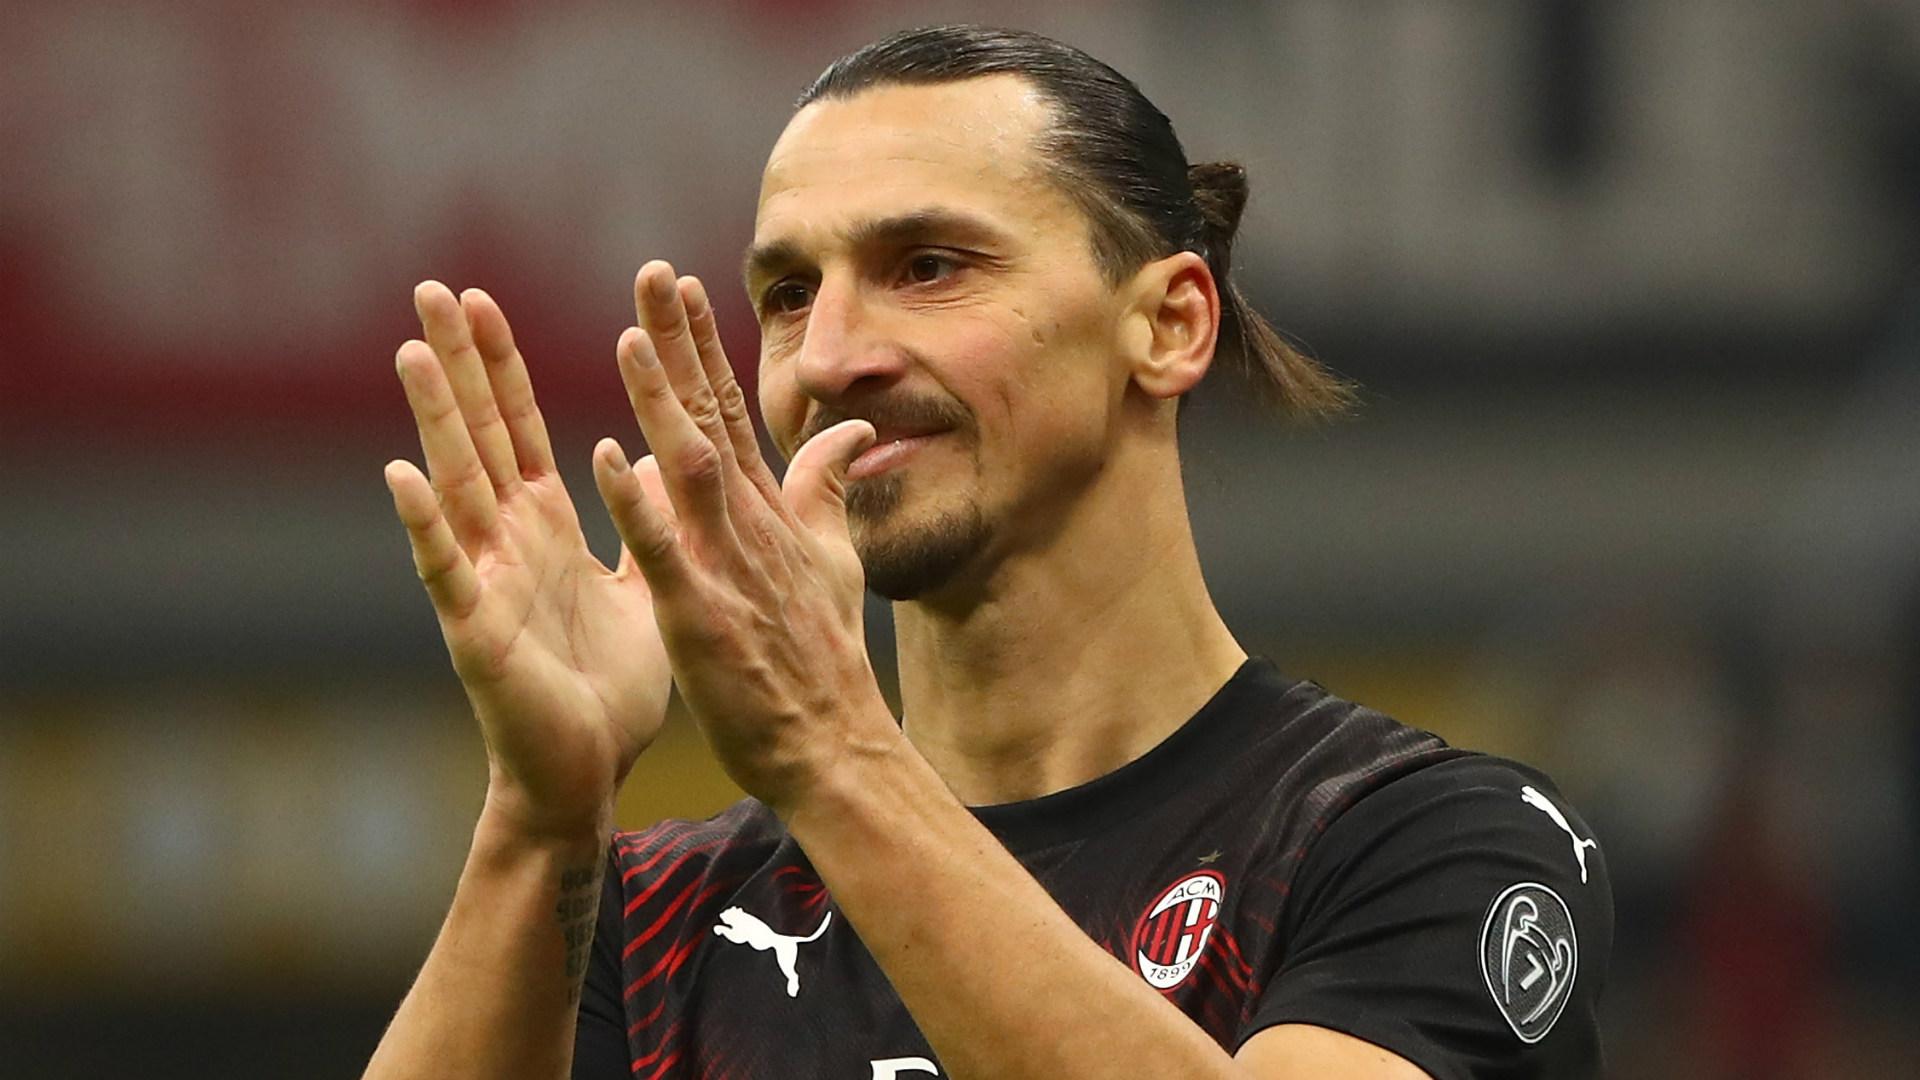 Zlatan: 'Tôi muốn vào sân, ăn mừng và ghi bàn như một vị Chúa' - Bóng Đá